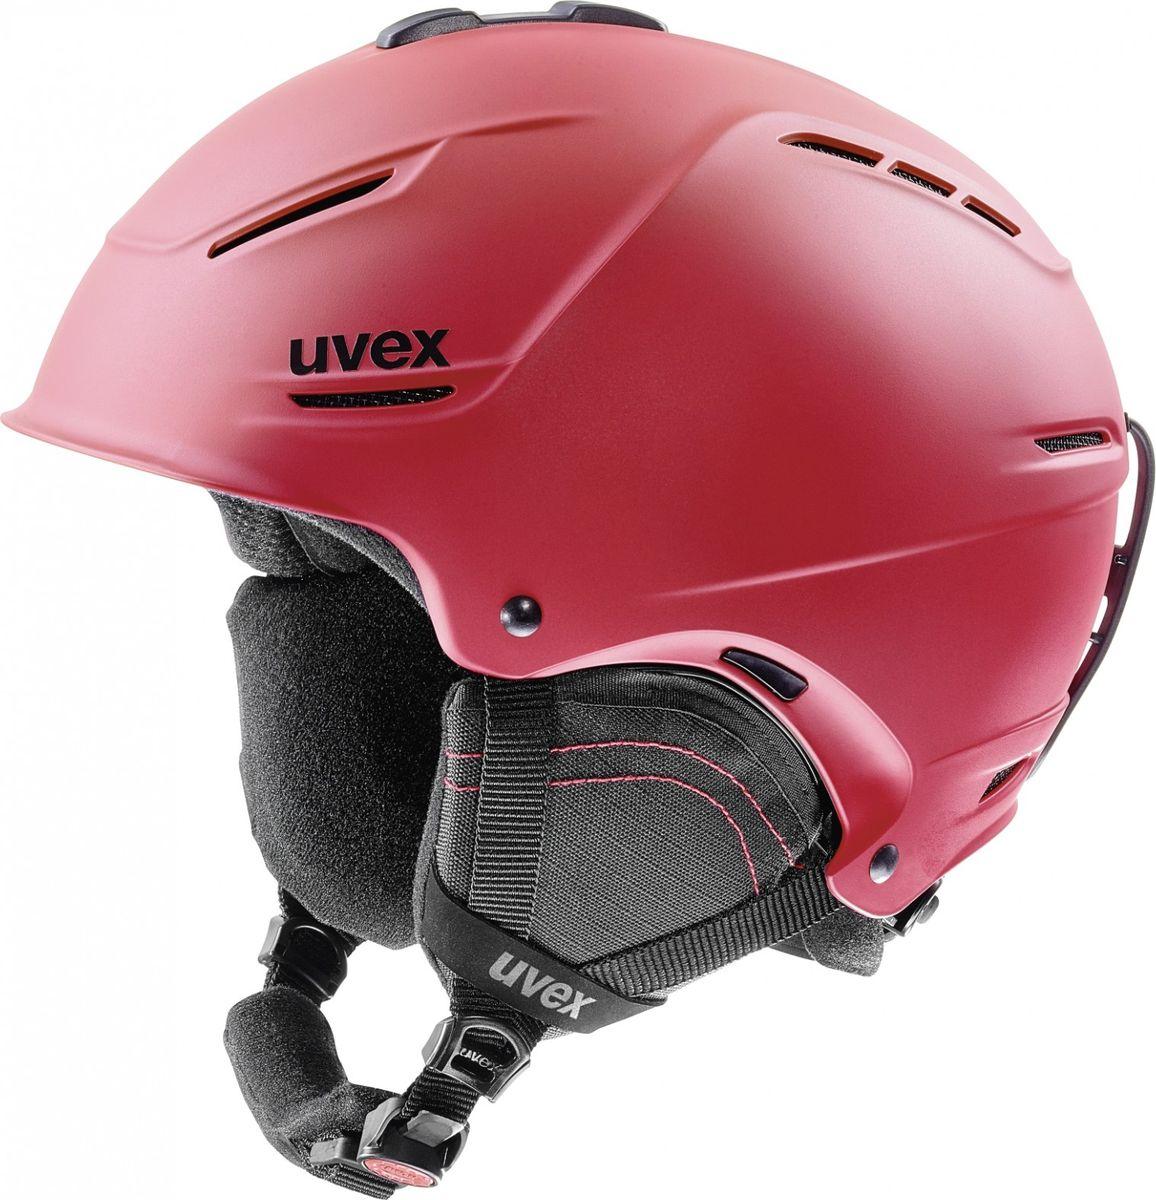 Шлем горнолыжный Uvex P1us 2.0 Helmet, цвет: красный матовый. Размер 52/556211Удобный шлем от Uvex с конструкцией +technology обеспечит безопасность на склоне. В модели предусмотрена съемная защита ушей с технологией Natural Sound, которая не искажает звуки. Гипоаллергенная подкладка и регулируемая вентиляция гарантируют комфорт во время катания. Фиксатор стрэпа маски и застежка monomatiс, которую легко отрегулировать одной рукой, служат для удобства использования. Система IAS для индивидуальной подгонки по размеру. Сделано в Германии.